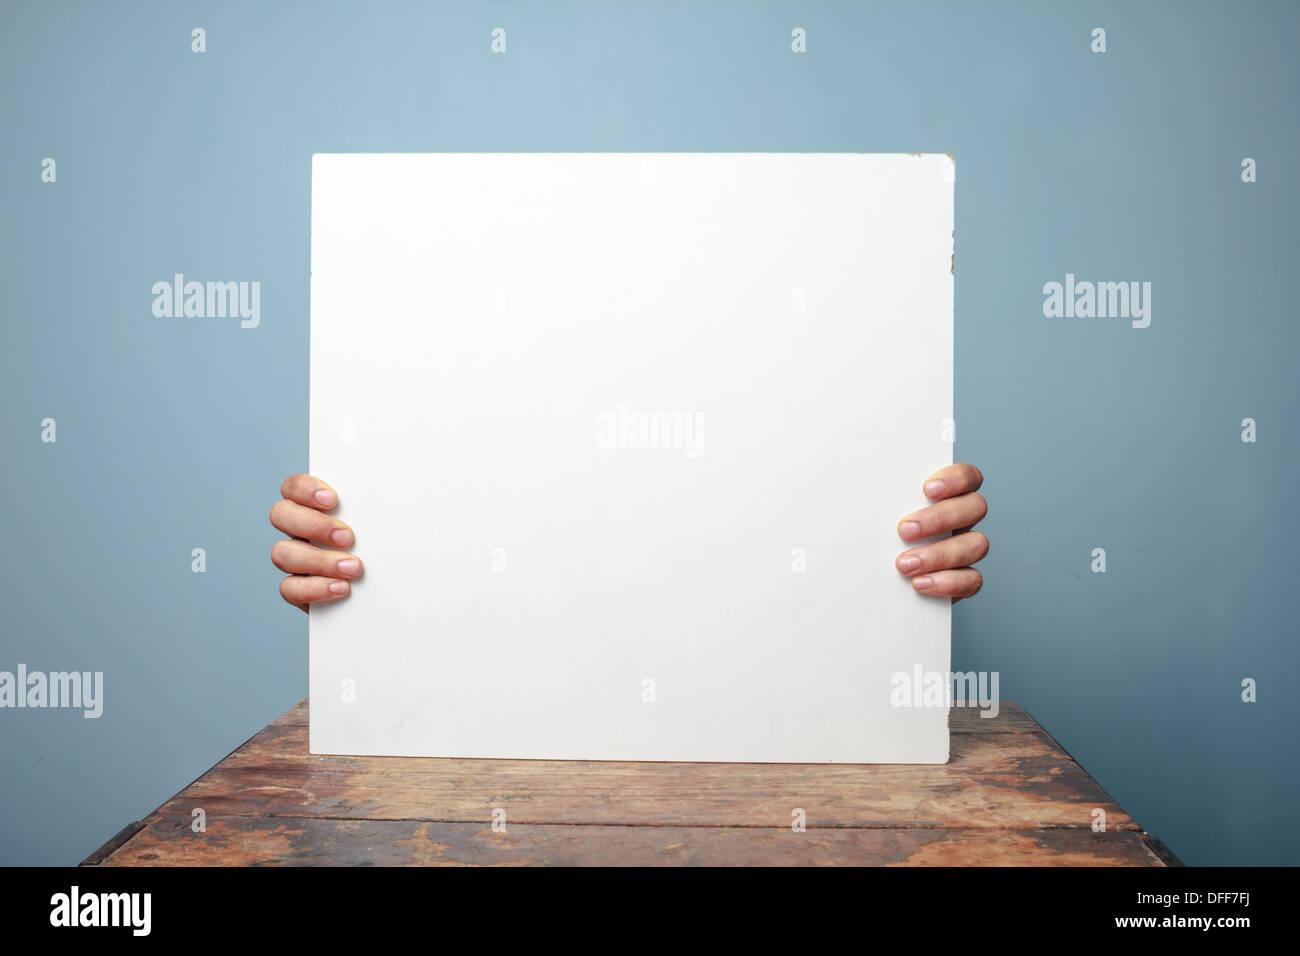 Giovane uomo seduto a un tavolo e tenendo un vuoto segno bianco, solo le sue dita sono visibili Immagini Stock